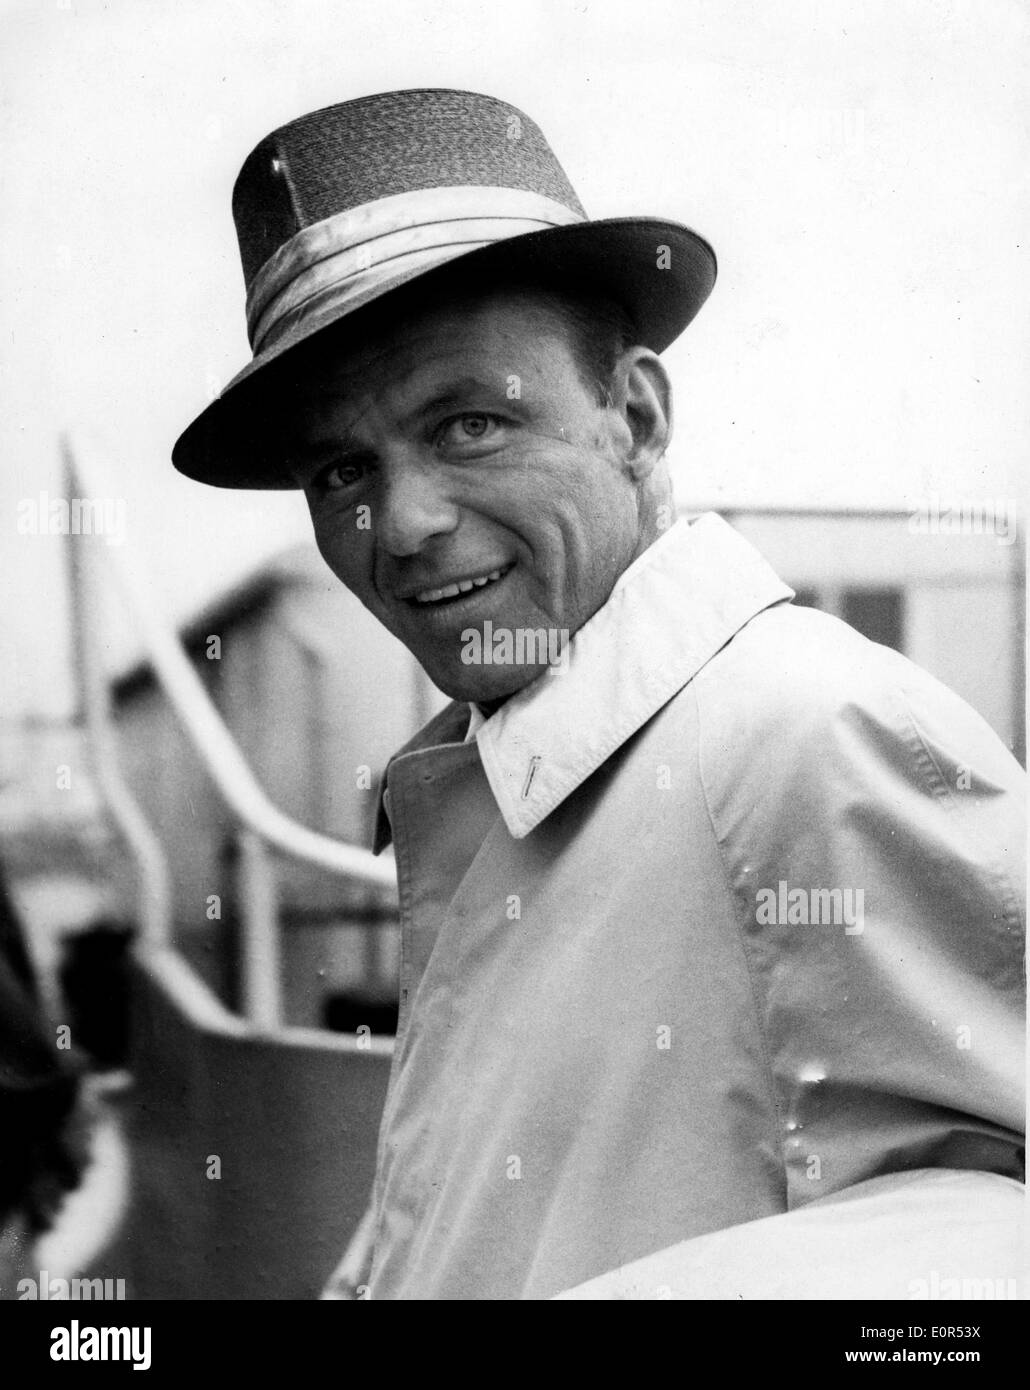 Nahaufnahme von Frank Sinatra, als er am Flughafen Heathrow ankommt Stockfoto